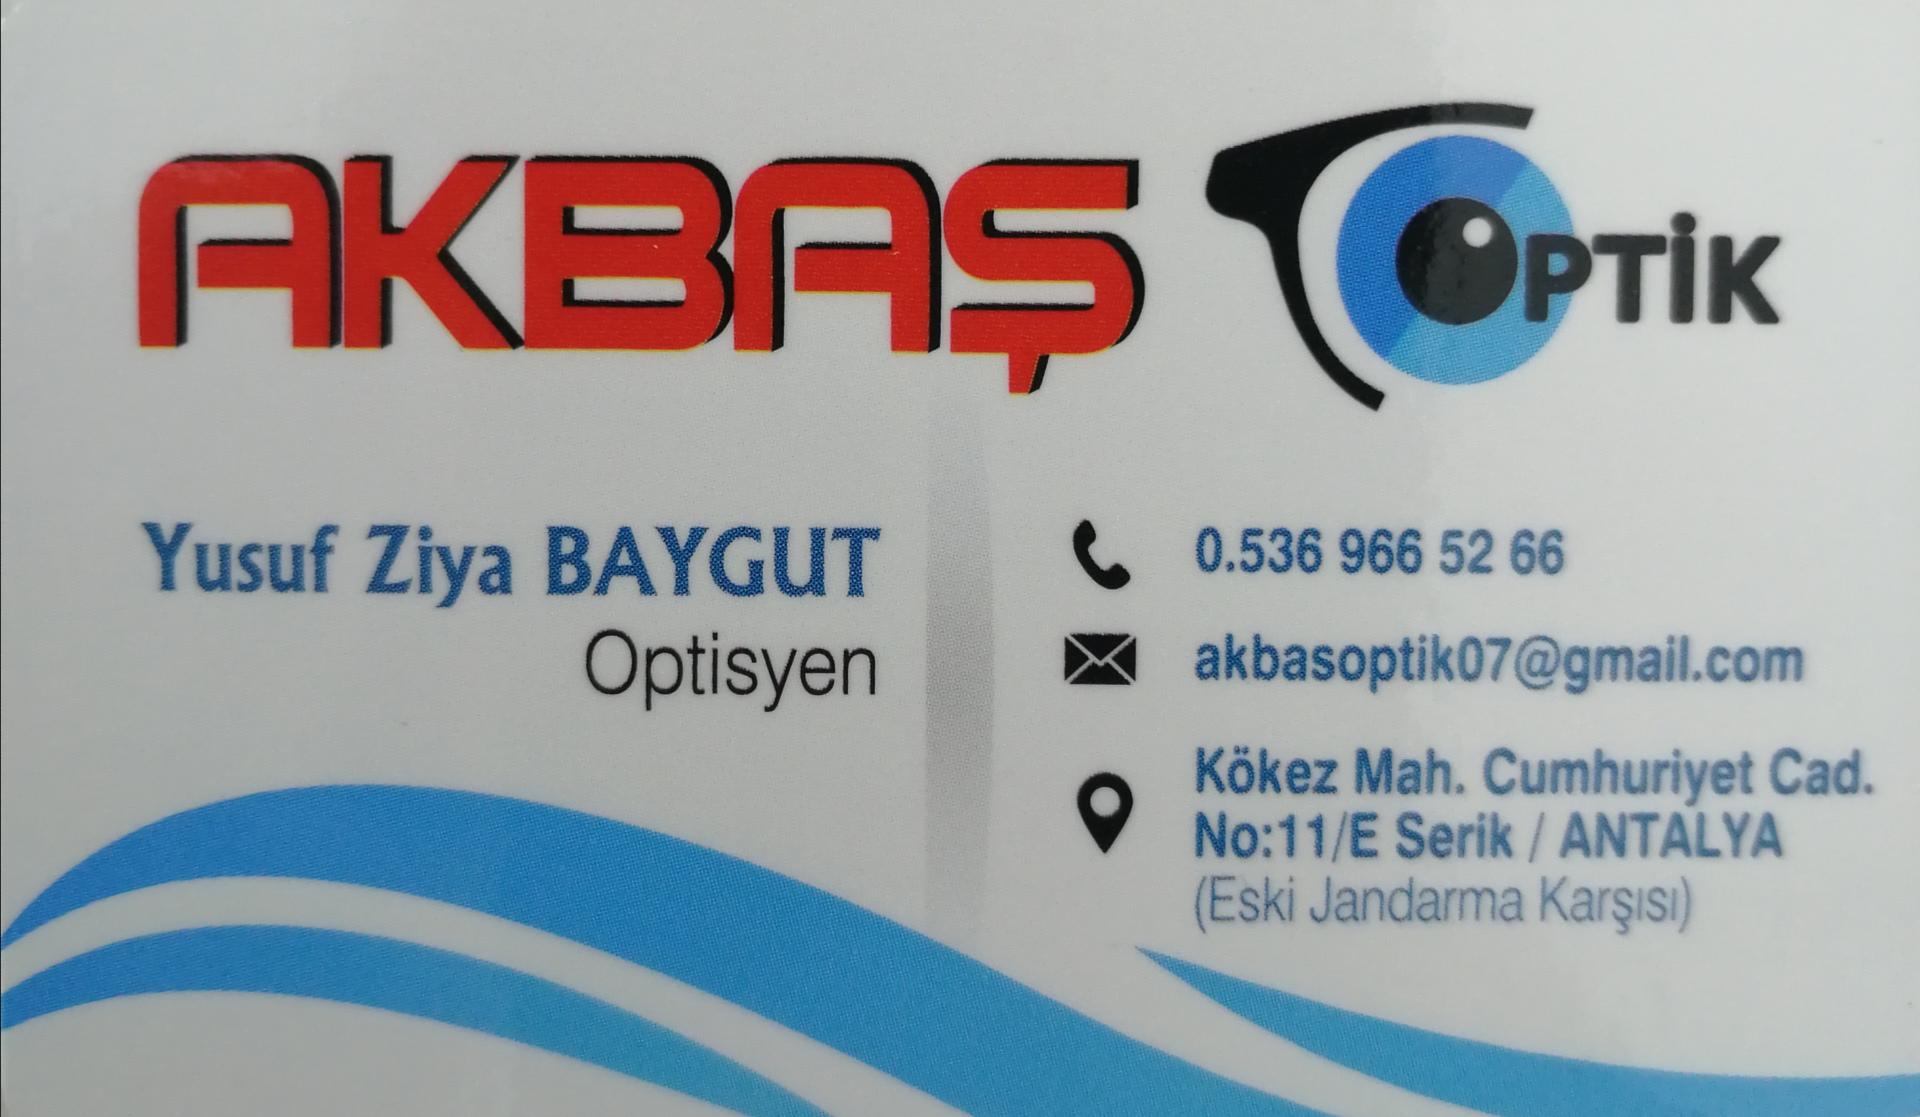 Akbaş Optik